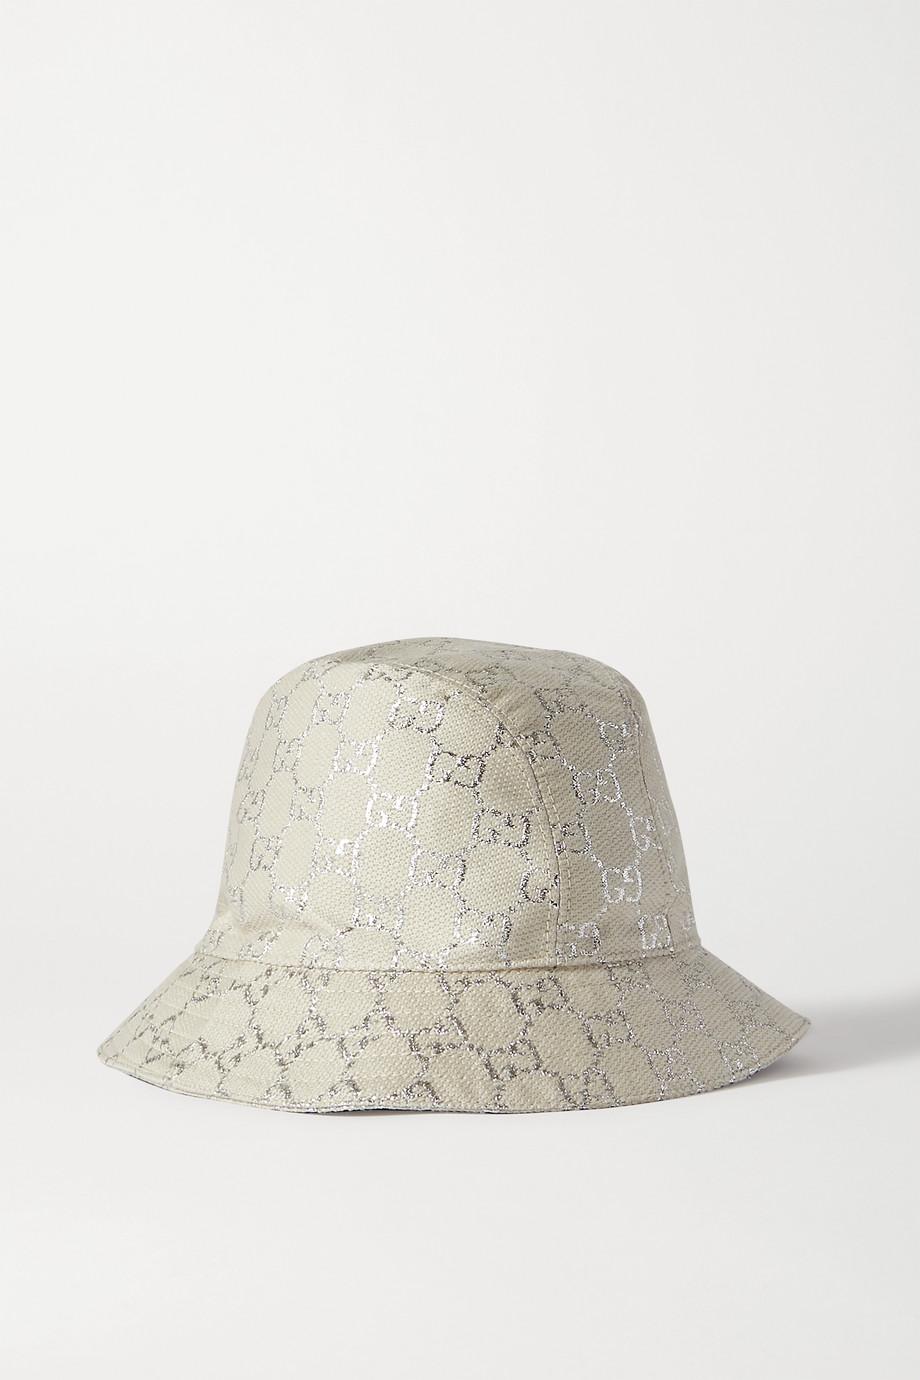 Gucci 金属感羊毛混纺提花渔夫帽